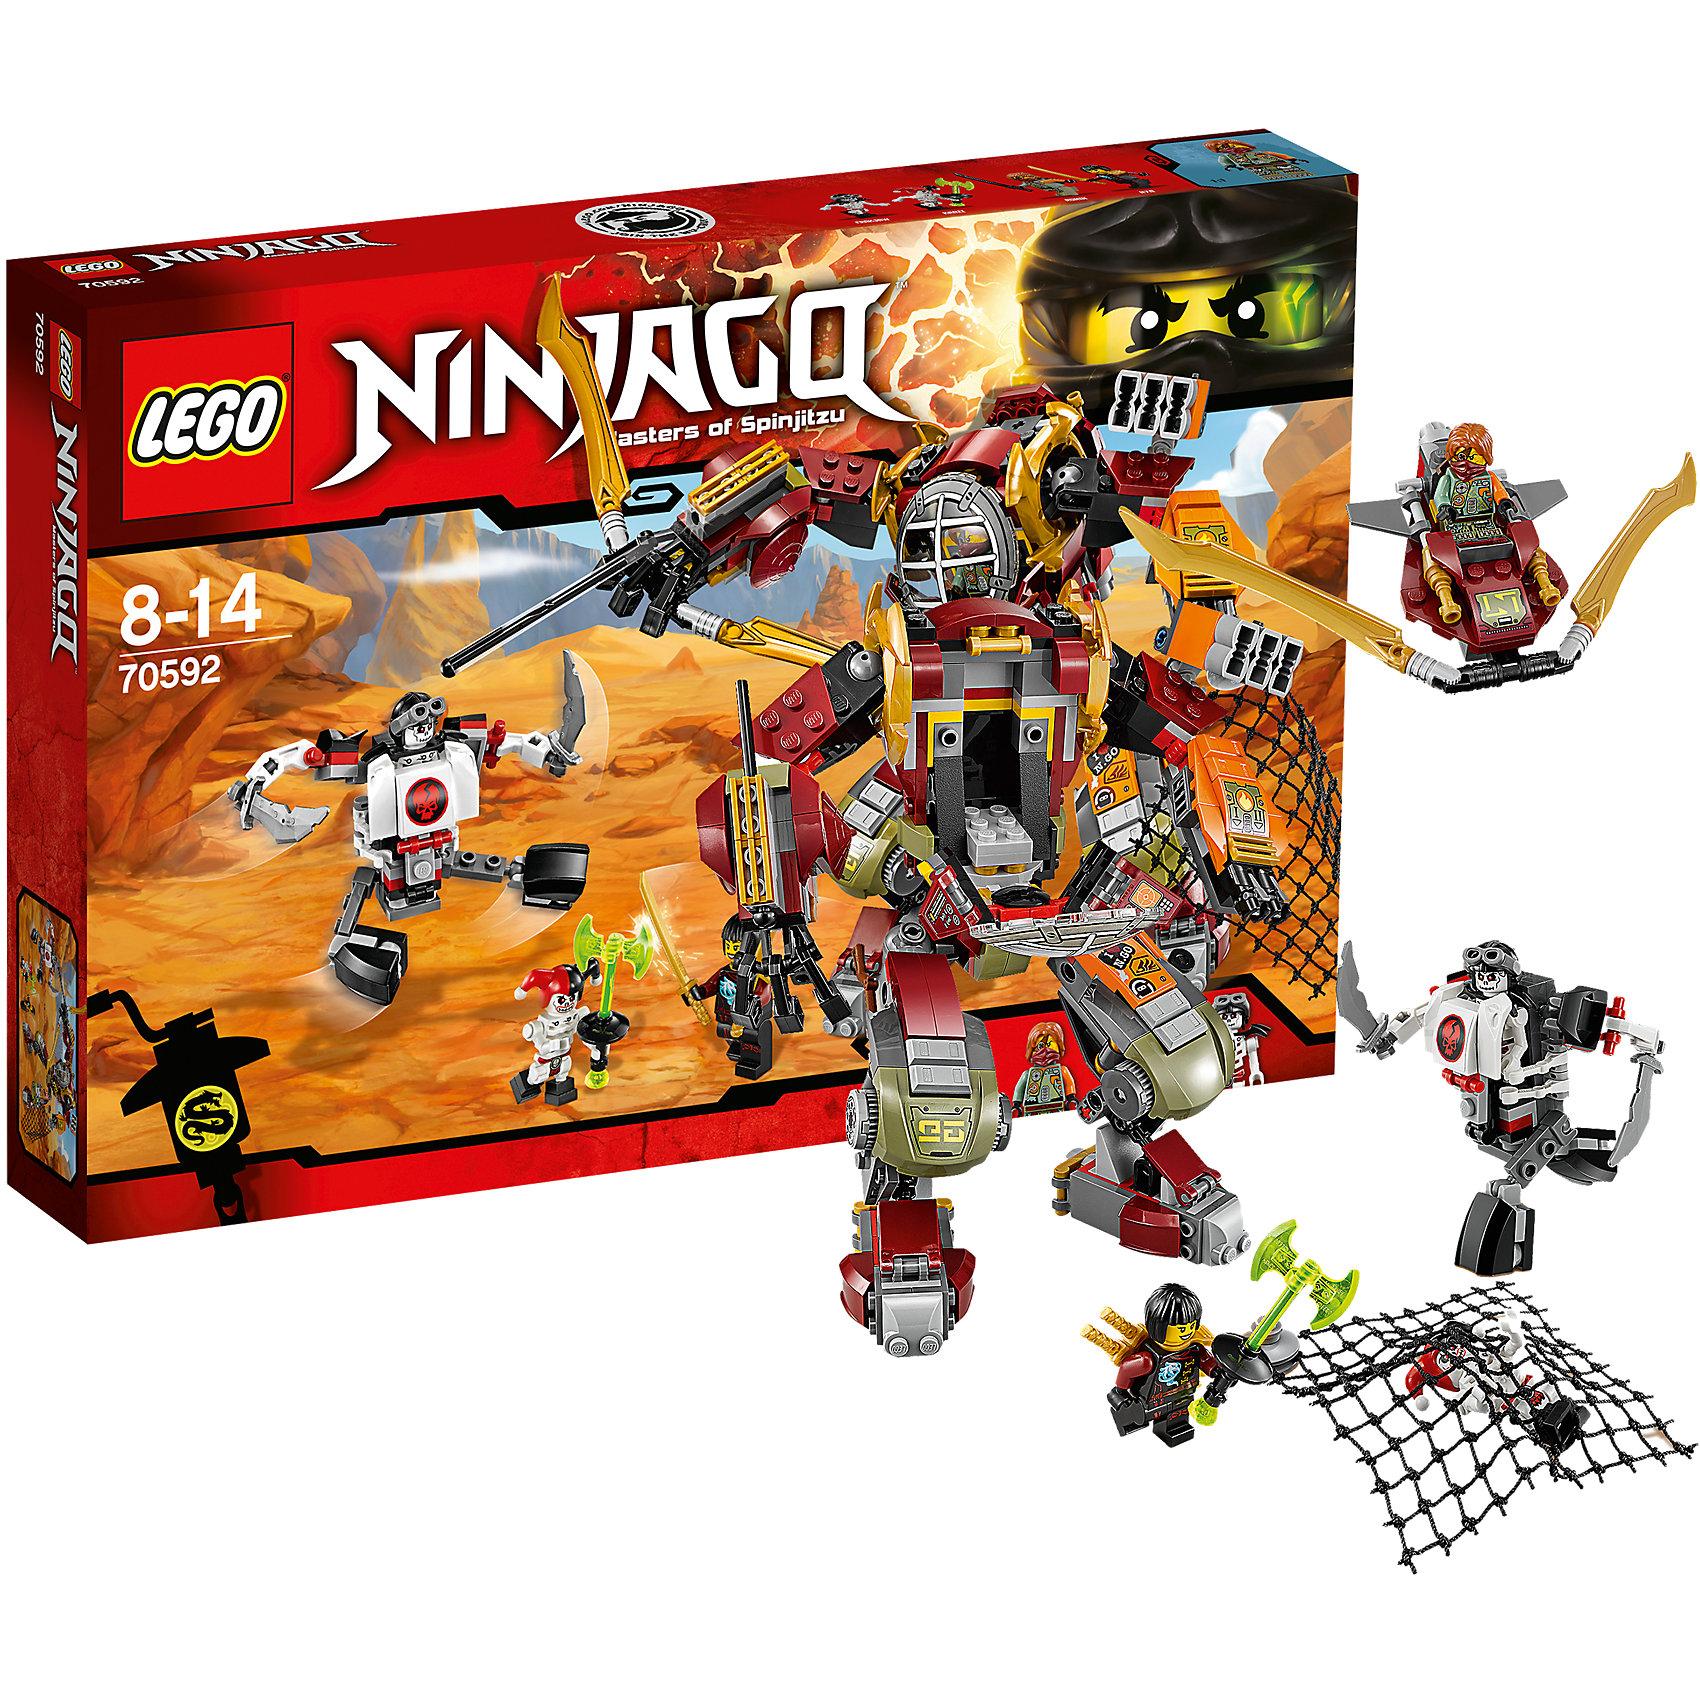 LEGO NINJAGO 70592: Робот-спасательКонструкторы и приключения обожает множество современных мальчишек, поэтому набор Лего, из которого можно собрать интересный сюжет, обязательно порадует ребенка. Такие игрушки помогают детям развивать воображение, мелкую моторику, логику и творческое мышление.<br>Набор состоит из множества деталей, с помощью которых можно  собрать декорации для игр, а также в нем есть фигурки любимых персонажей! С таким комплектом можно придумать множество игр!<br><br>Дополнительная информация:<br><br>цвет: разноцветный;<br>размер коробки: 38 х 6 х 26 см;<br>вес: 568 г;<br>материал: пластик;<br>количество деталей: 439.<br><br>Набор Робот-спасатель от бренда LEGO NINJAGO можно купить в нашем магазине.<br><br>Ширина мм: 385<br>Глубина мм: 261<br>Высота мм: 63<br>Вес г: 574<br>Возраст от месяцев: 96<br>Возраст до месяцев: 168<br>Пол: Мужской<br>Возраст: Детский<br>SKU: 4641243